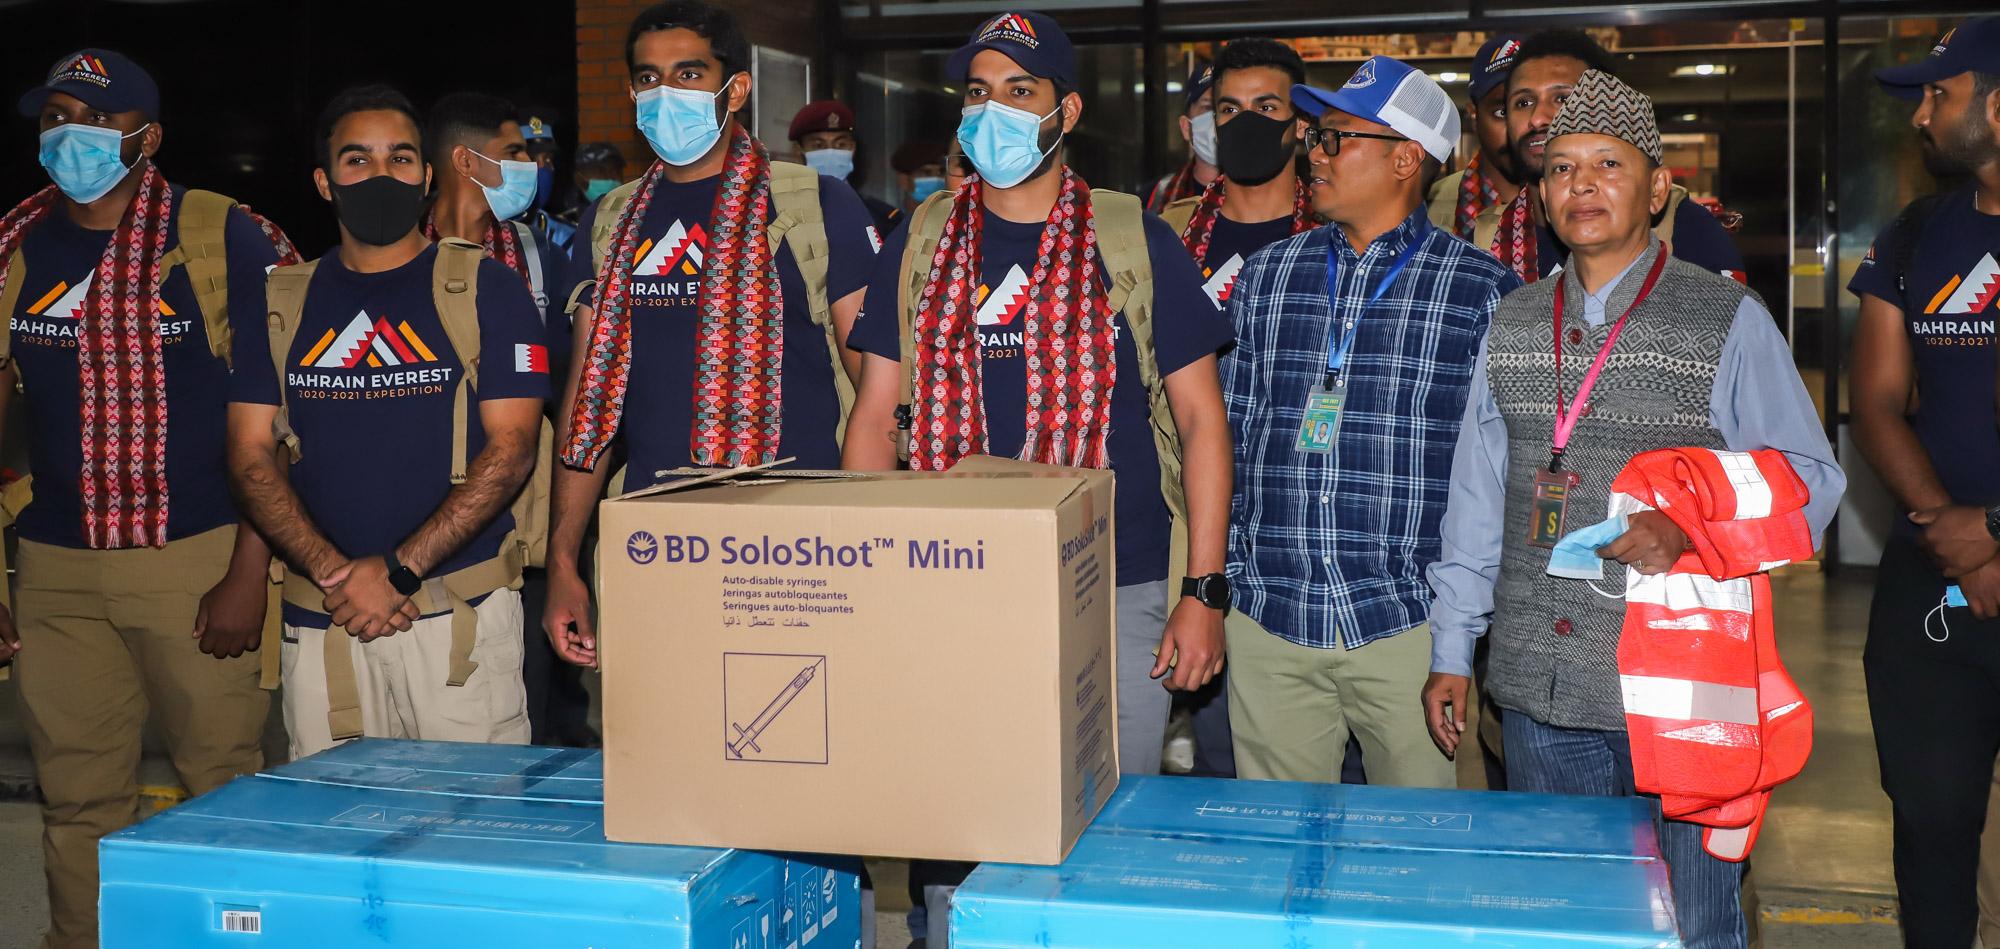 सगरमाथा चढ्न नेपाल आयो बहराइनको 'भीआइपी' टोली